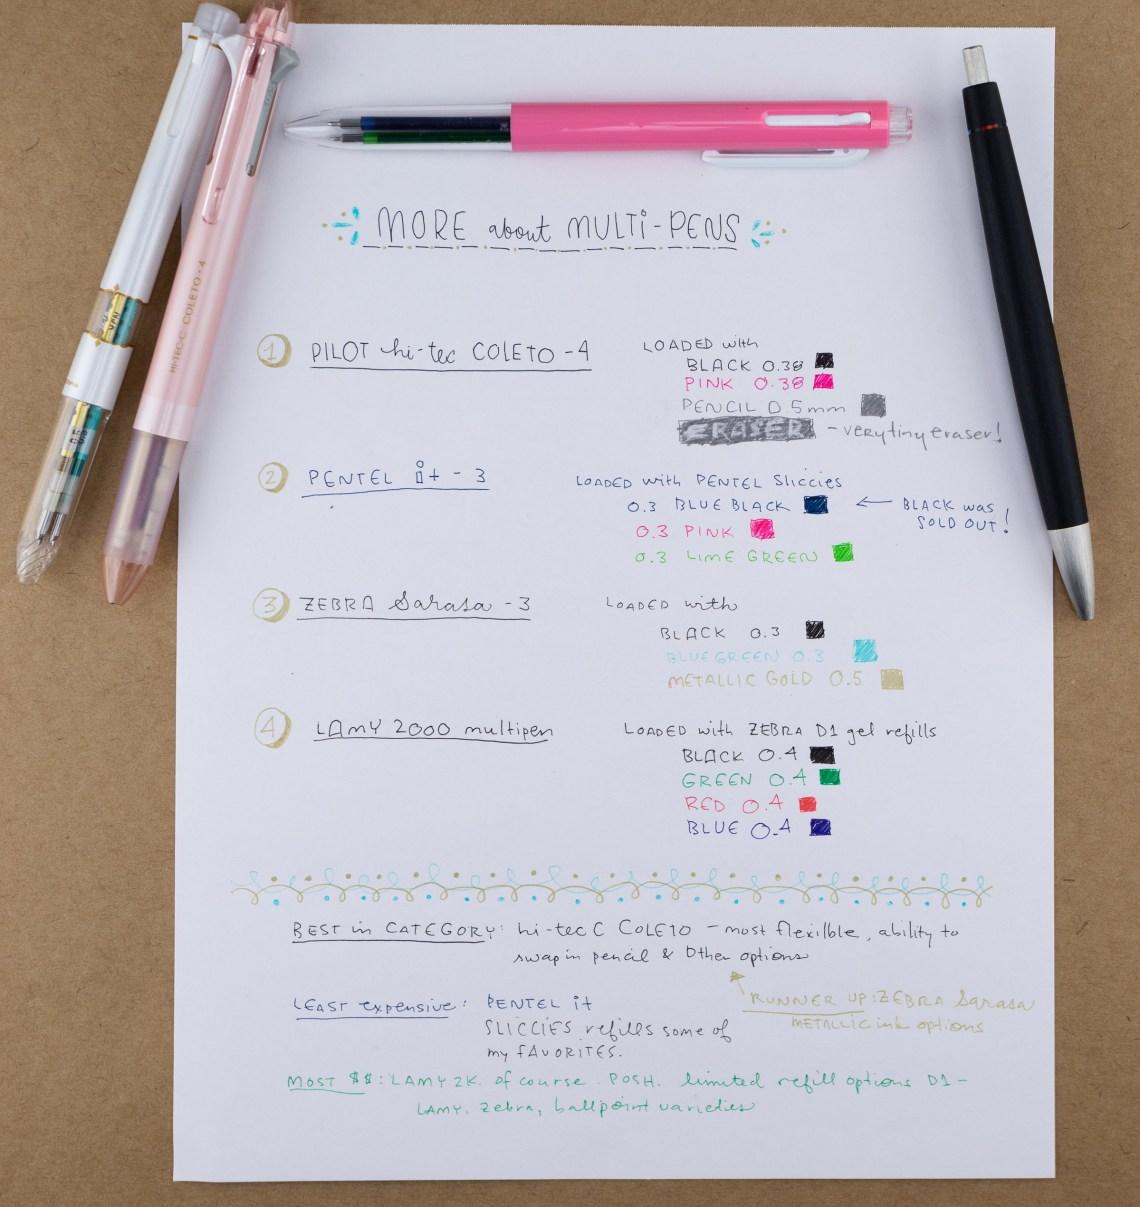 Multipen Writing Sample